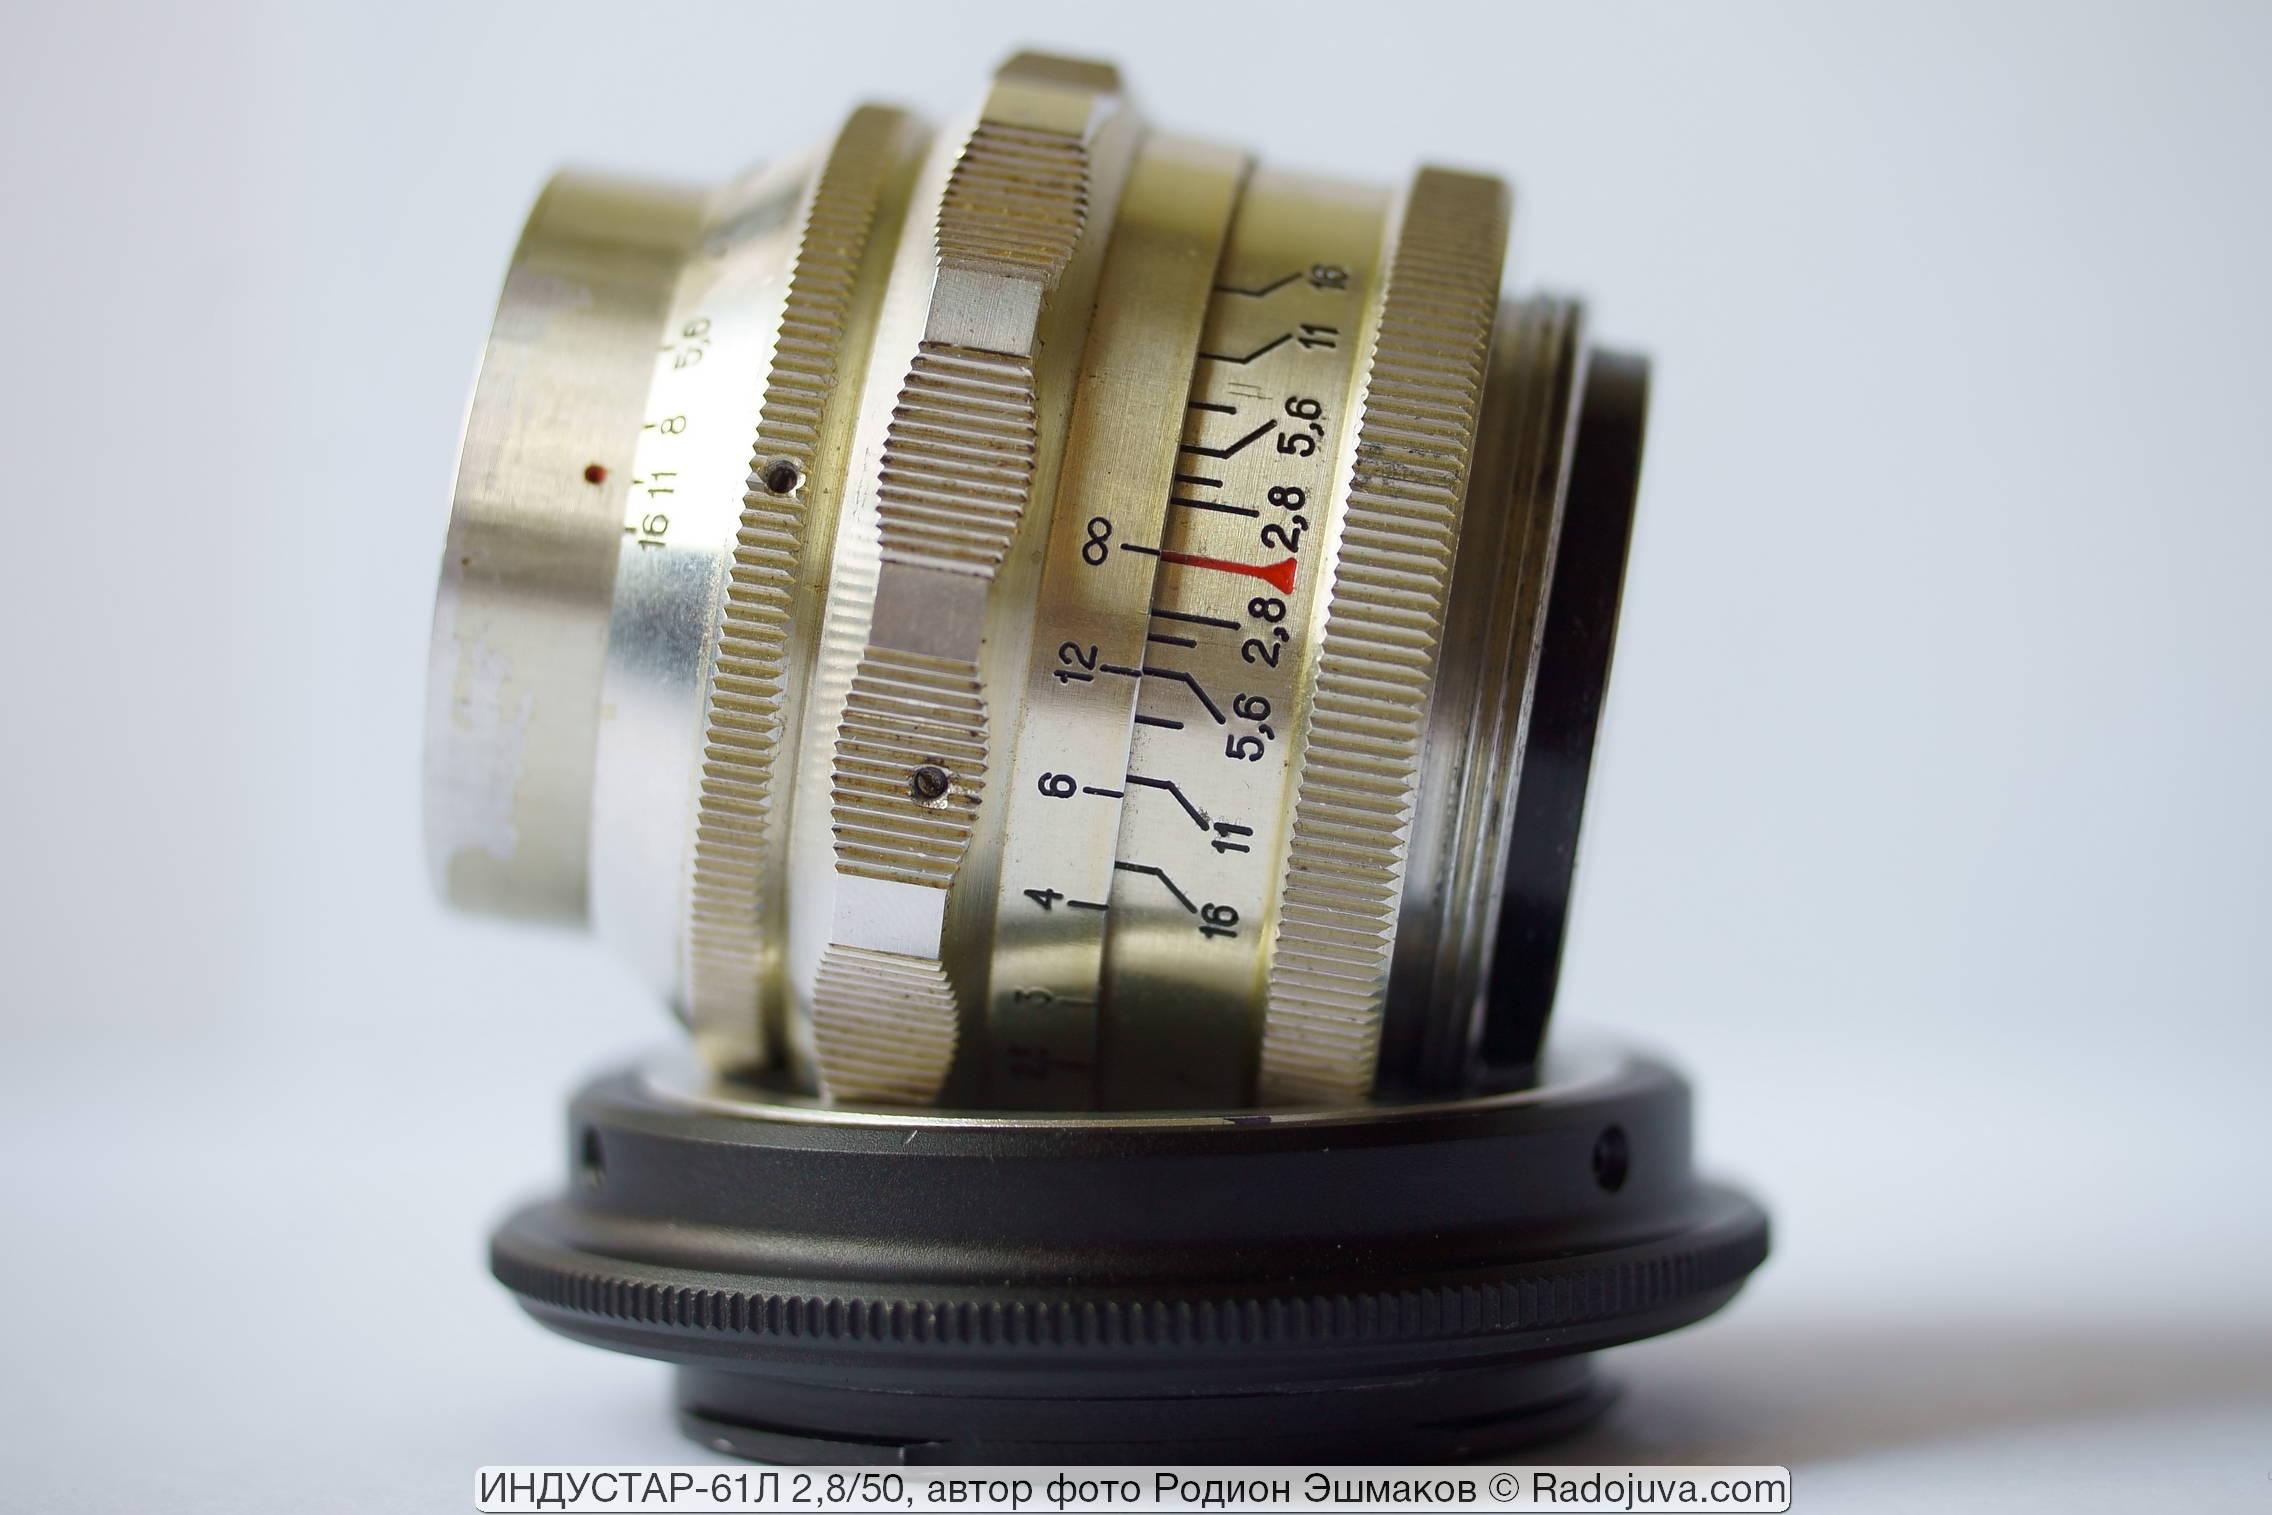 Корпус объектива имеет золотистый оттенок из-за пожелтевшего лакового покрытия.